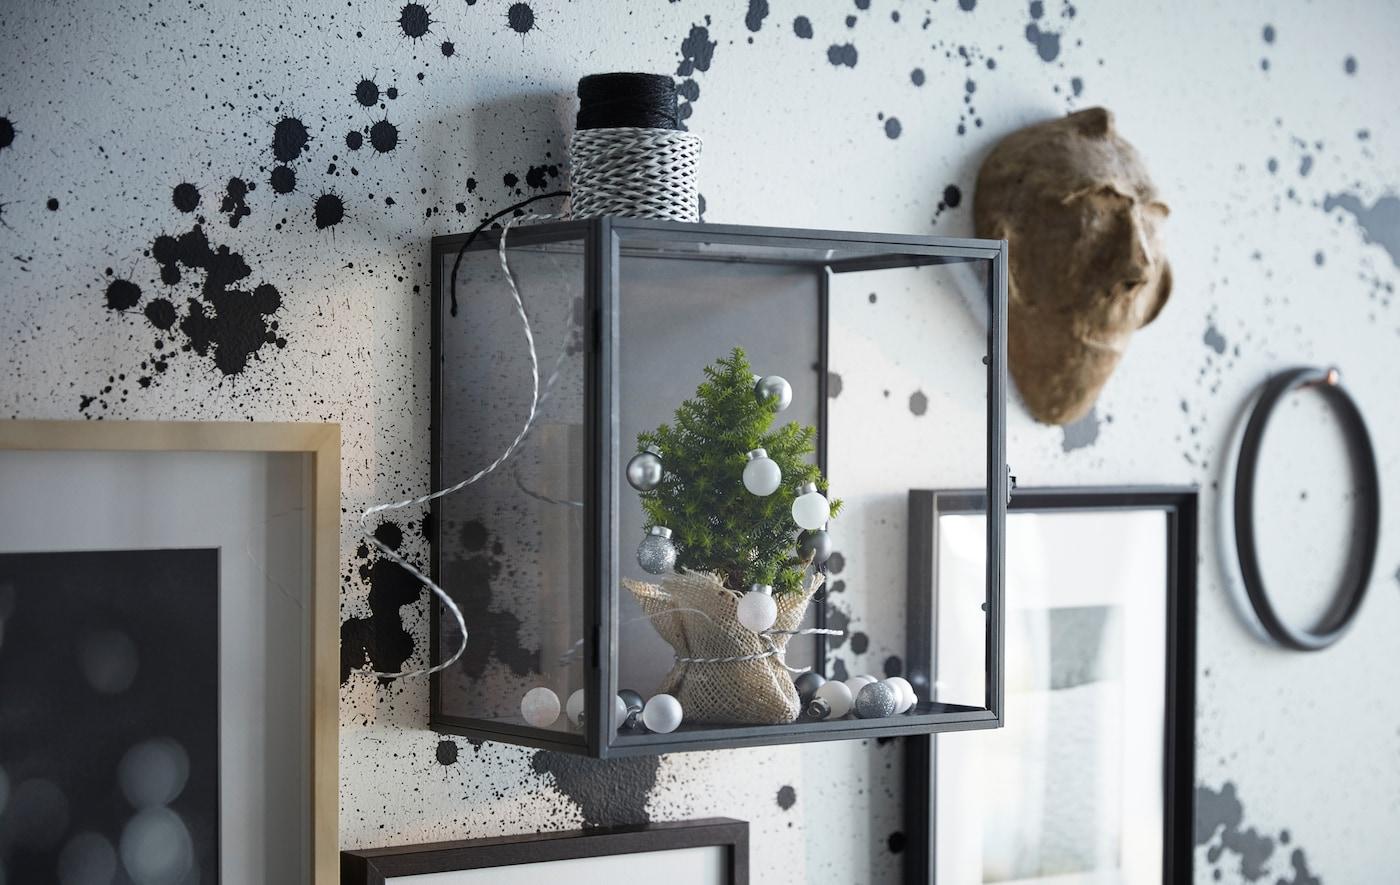 Diese Weihnachten möchtest du einfach alles ein bisschen anders machen? Wie wäre es dann mit Wanddekorationen inklusive Minibaum? IKEA BARKHYTTAN Sammlerrahmen ist der ideale Platz dafür.